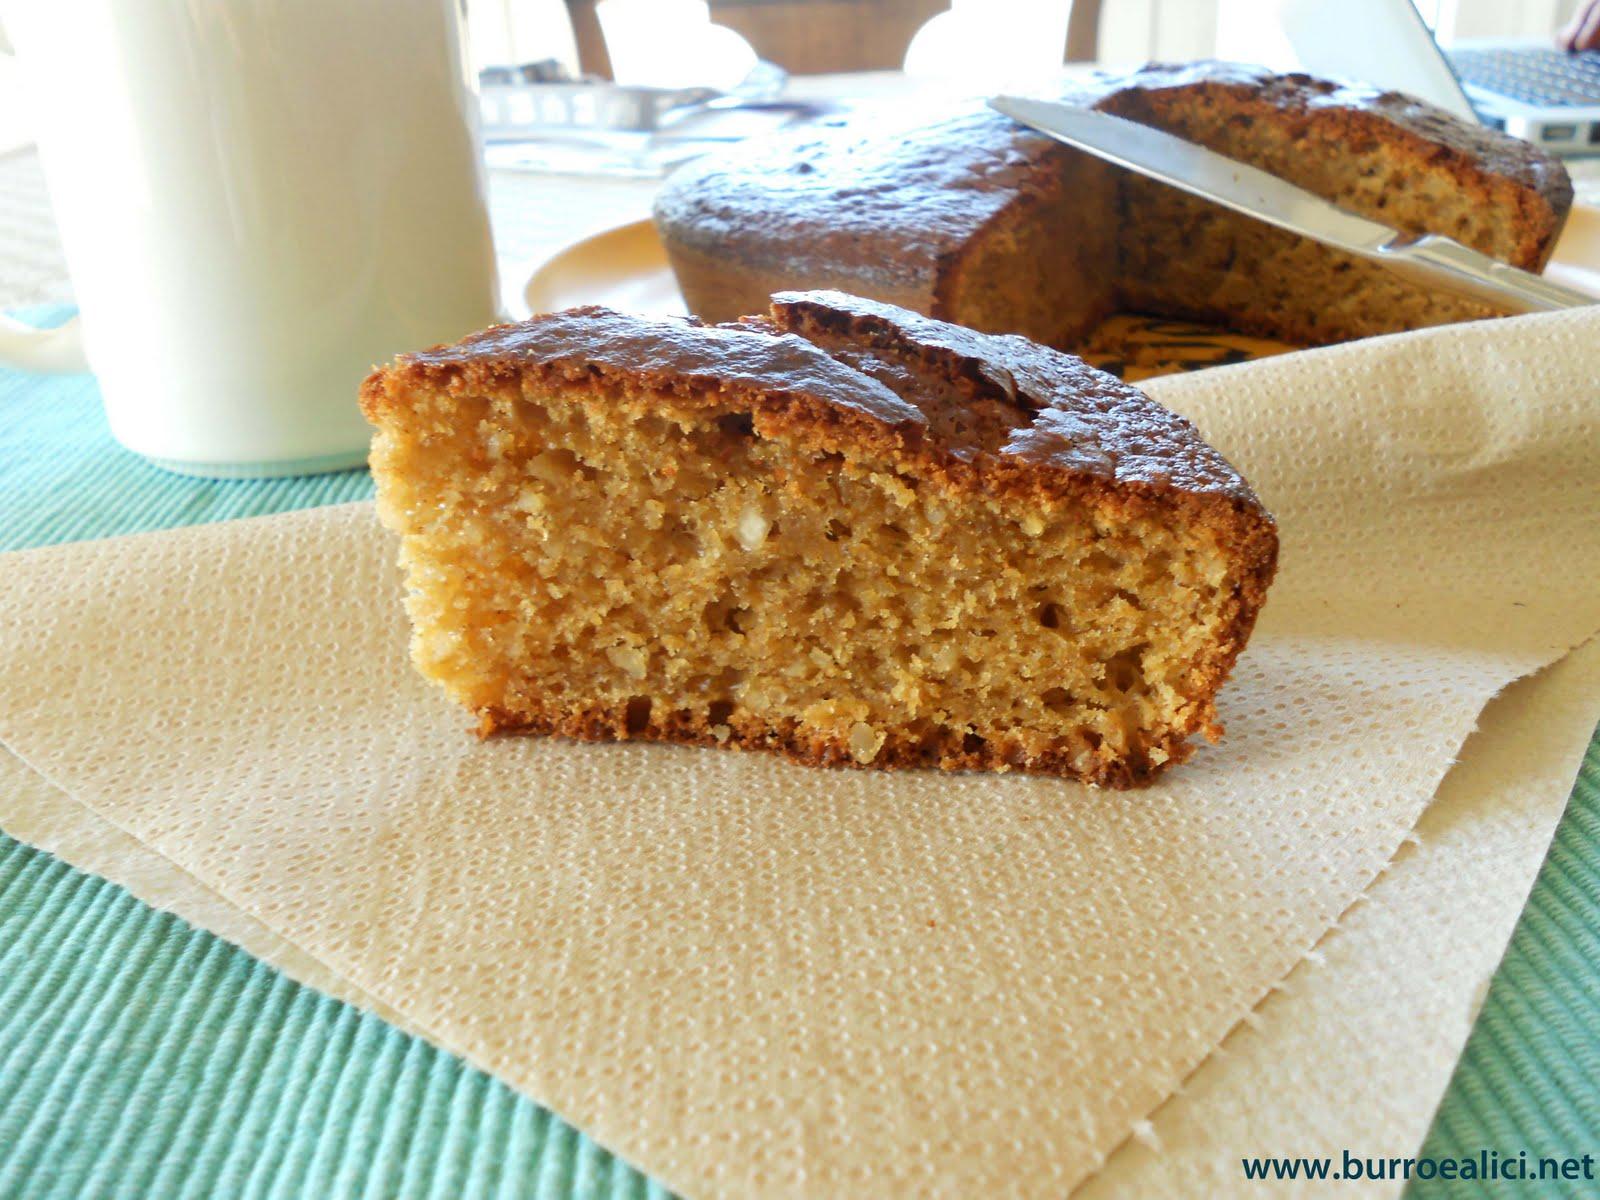 Ricetta dolce con farina integrale e yogurt